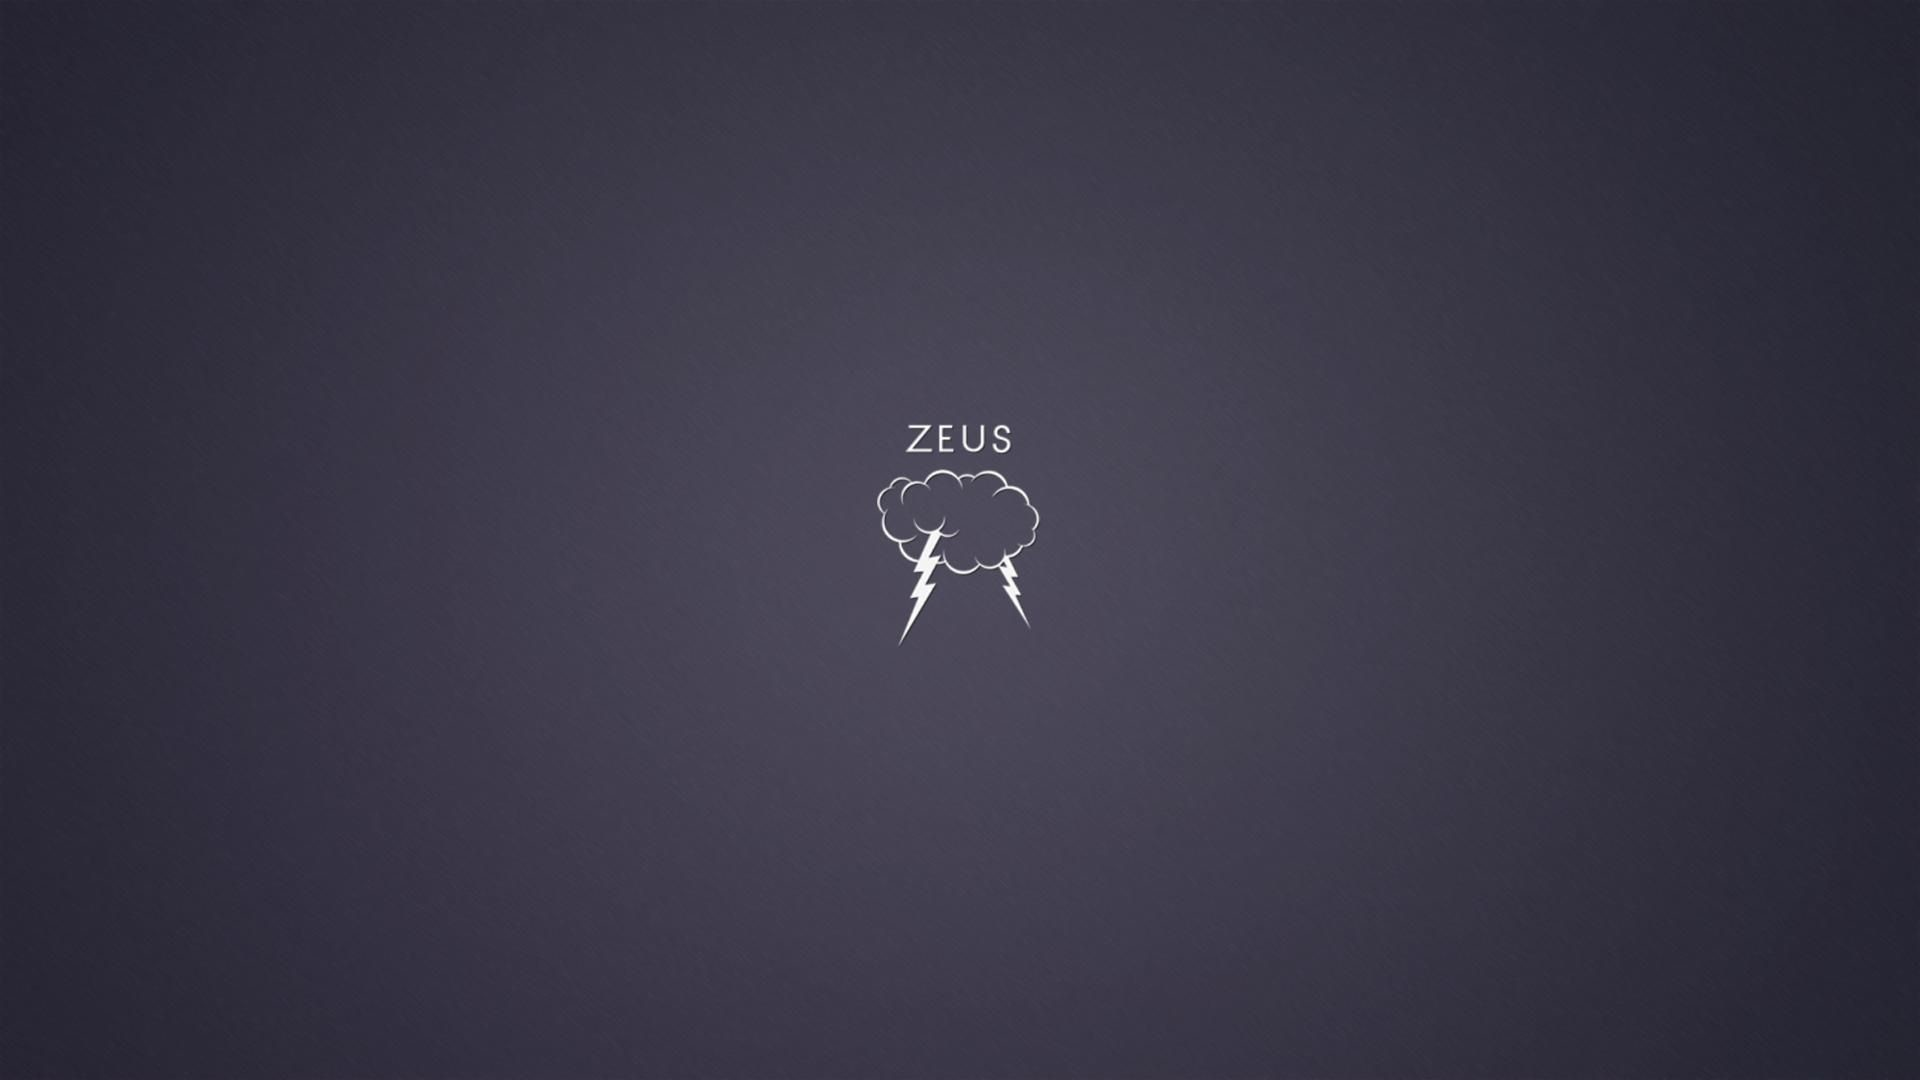 Best Of Zeus Wallpapers Wallpaper Cave